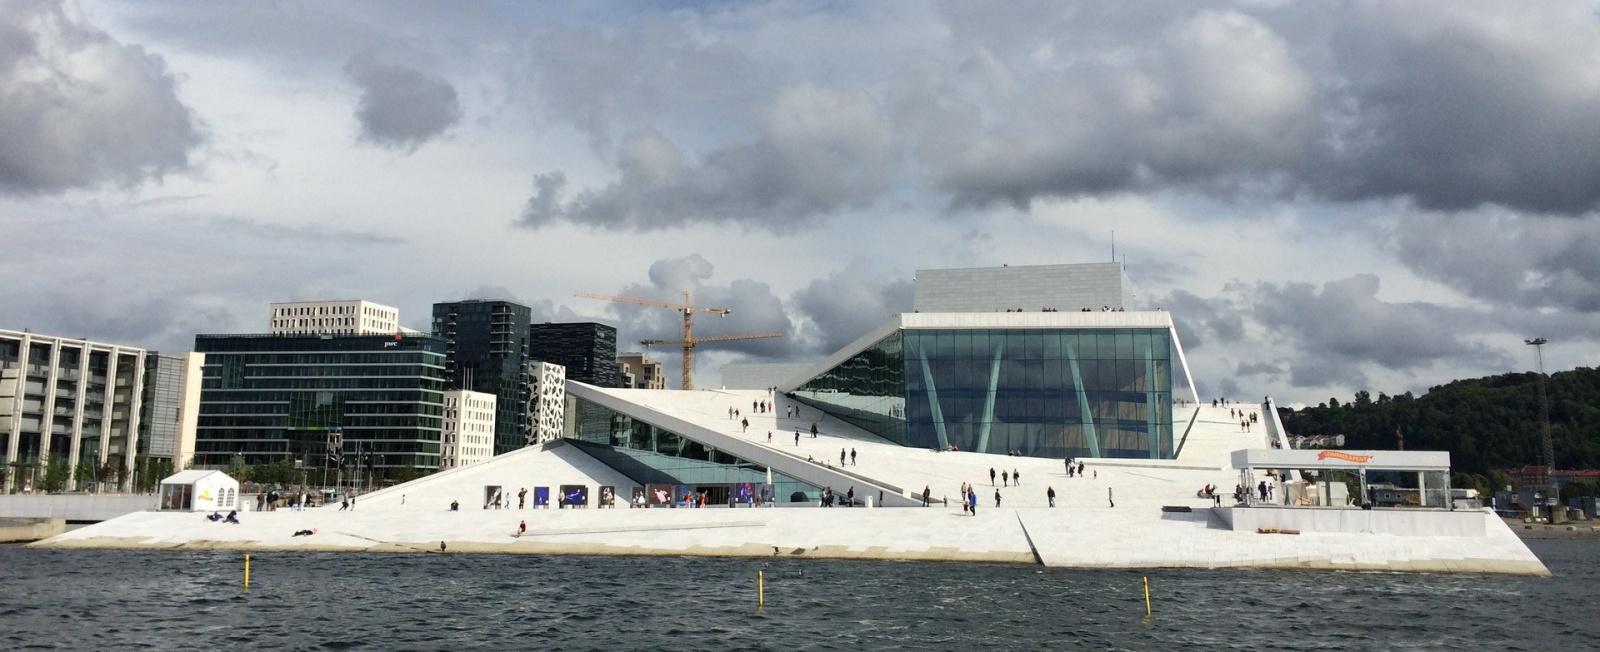 Стажировка в Норвегии: Opera Software - 1